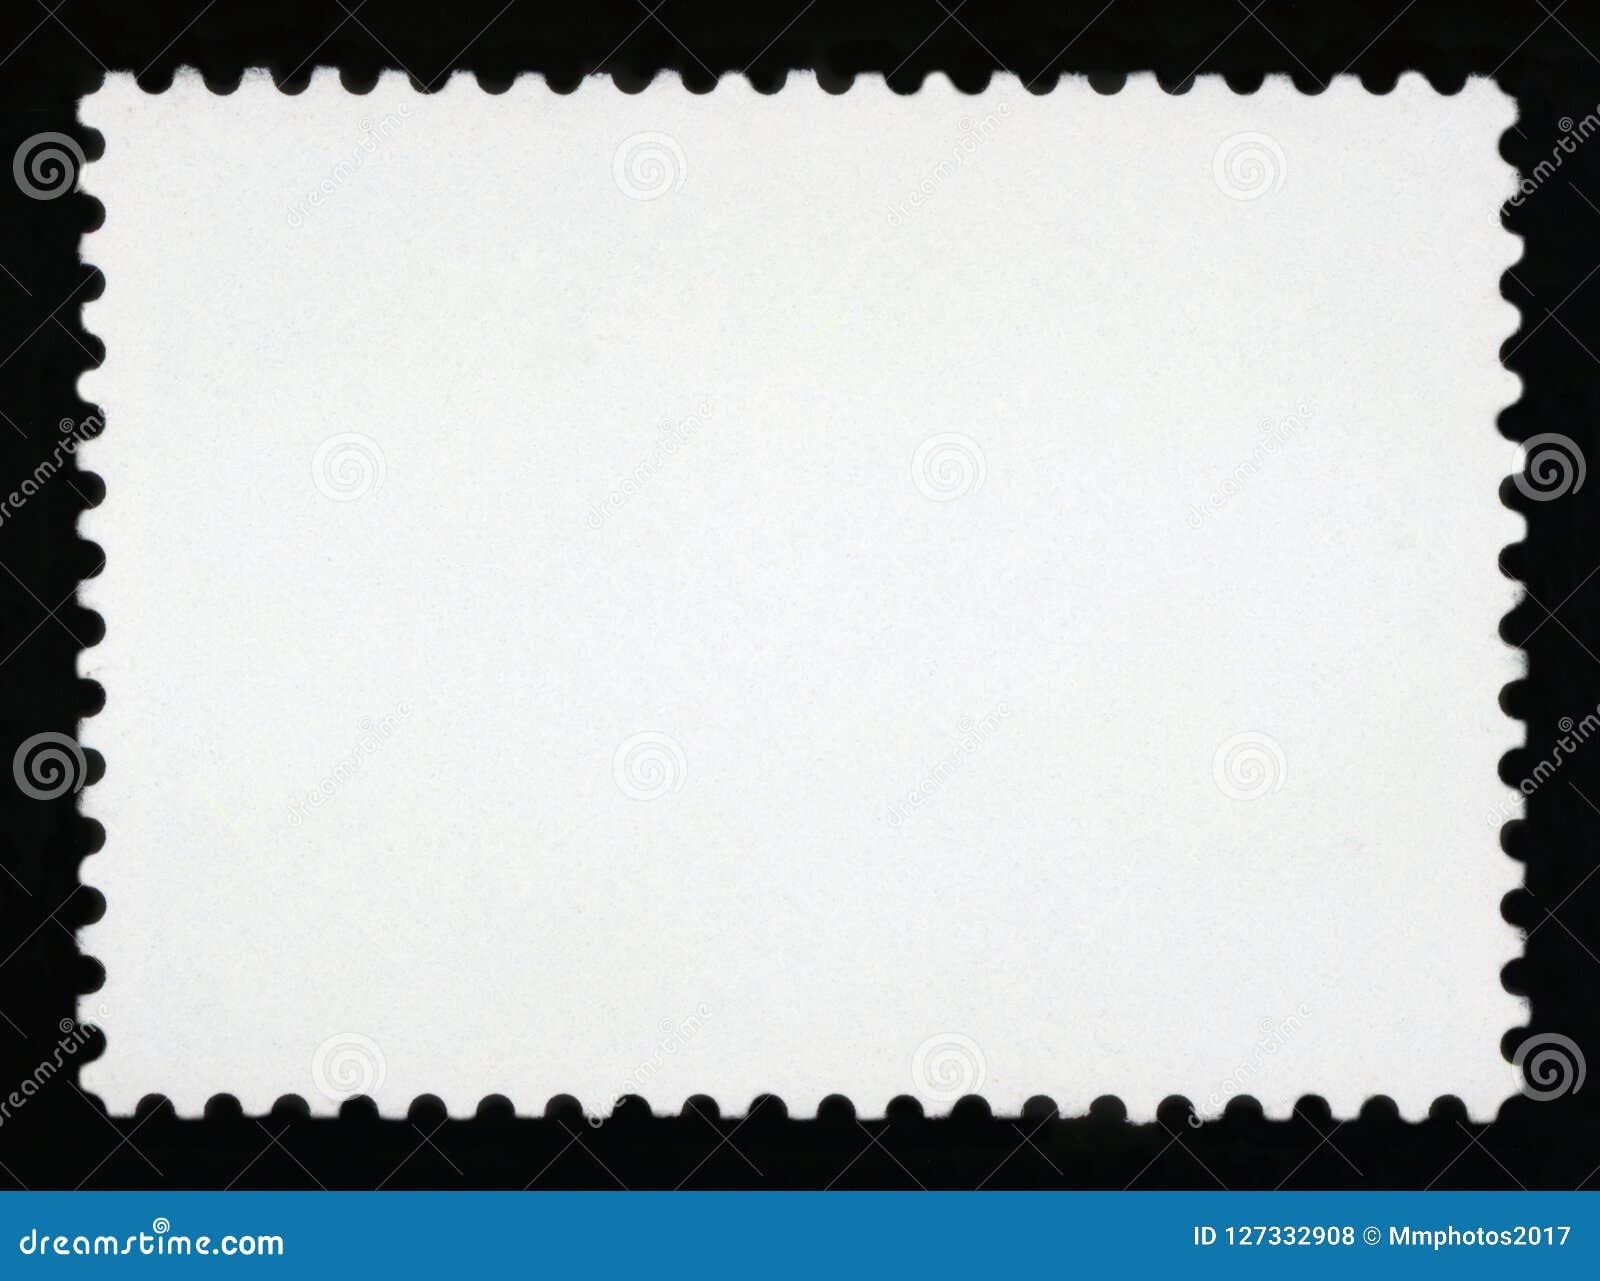 Fondo en blanco del sello